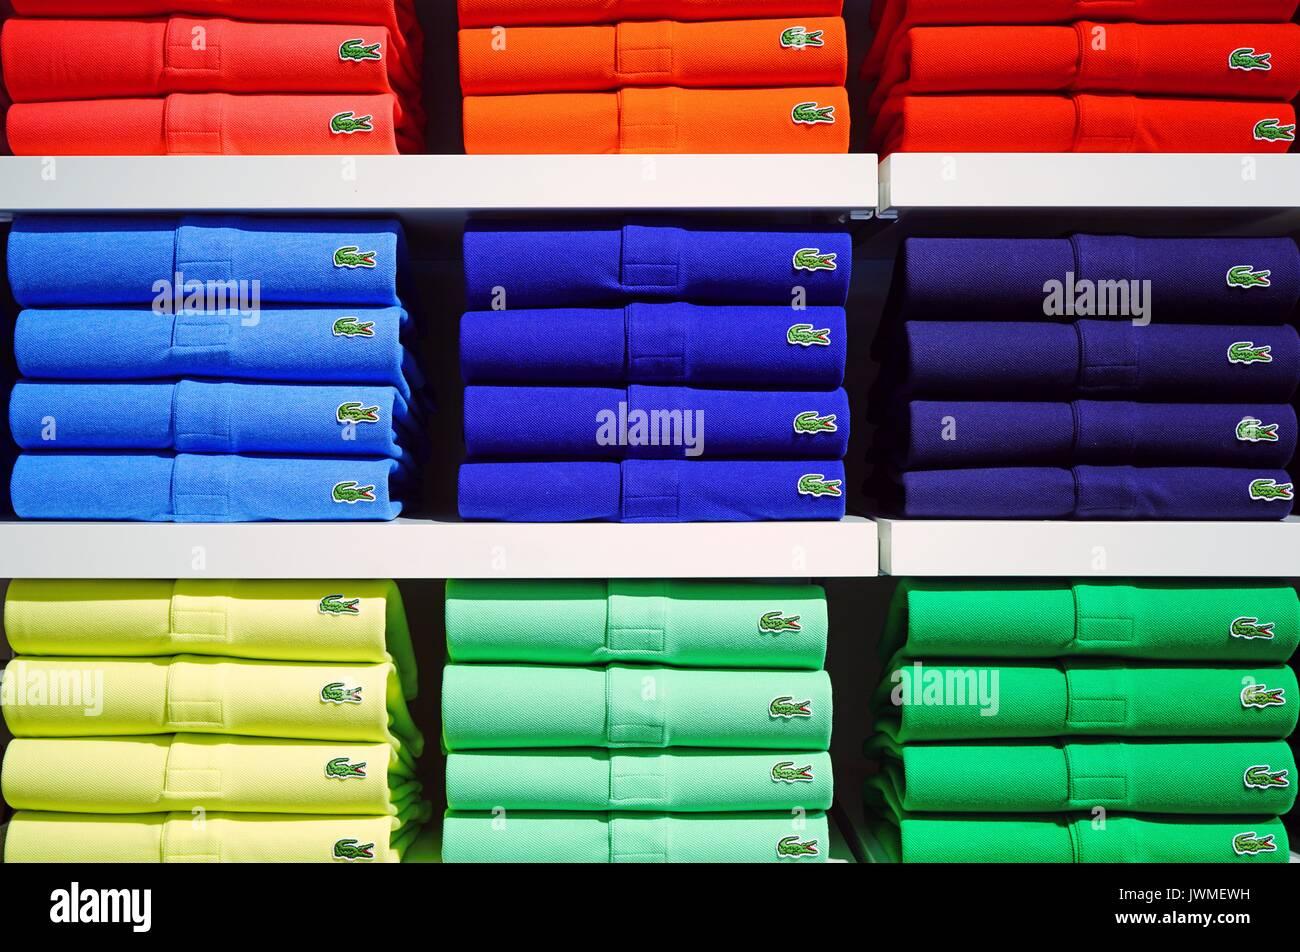 des piles de polos lacoste color u00e9s sur les tablettes des